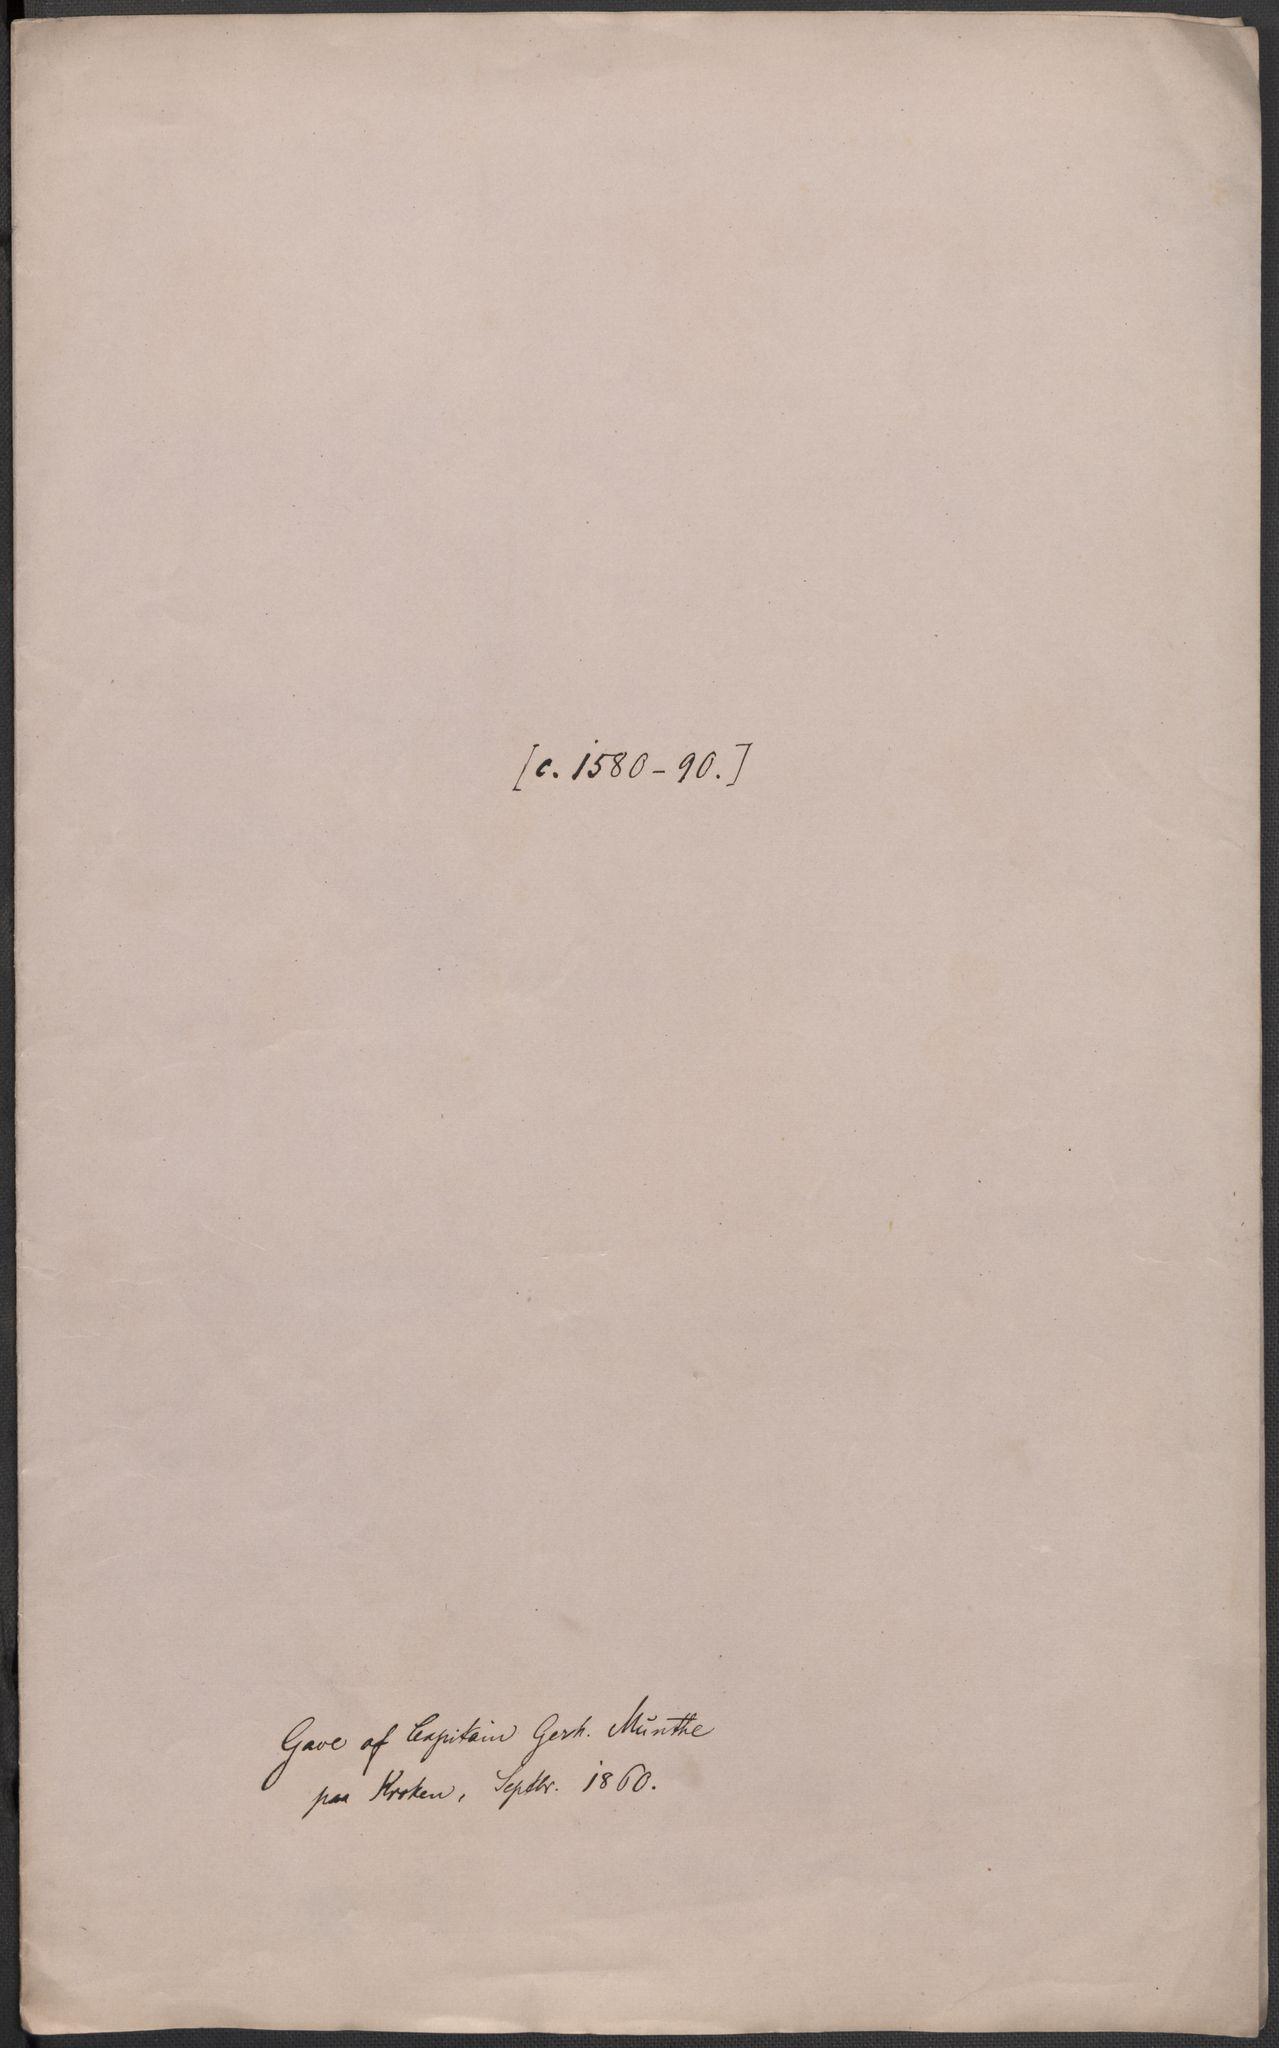 RA, Riksarkivets diplomsamling, F02/L0092: Dokumenter, 1590, s. 54